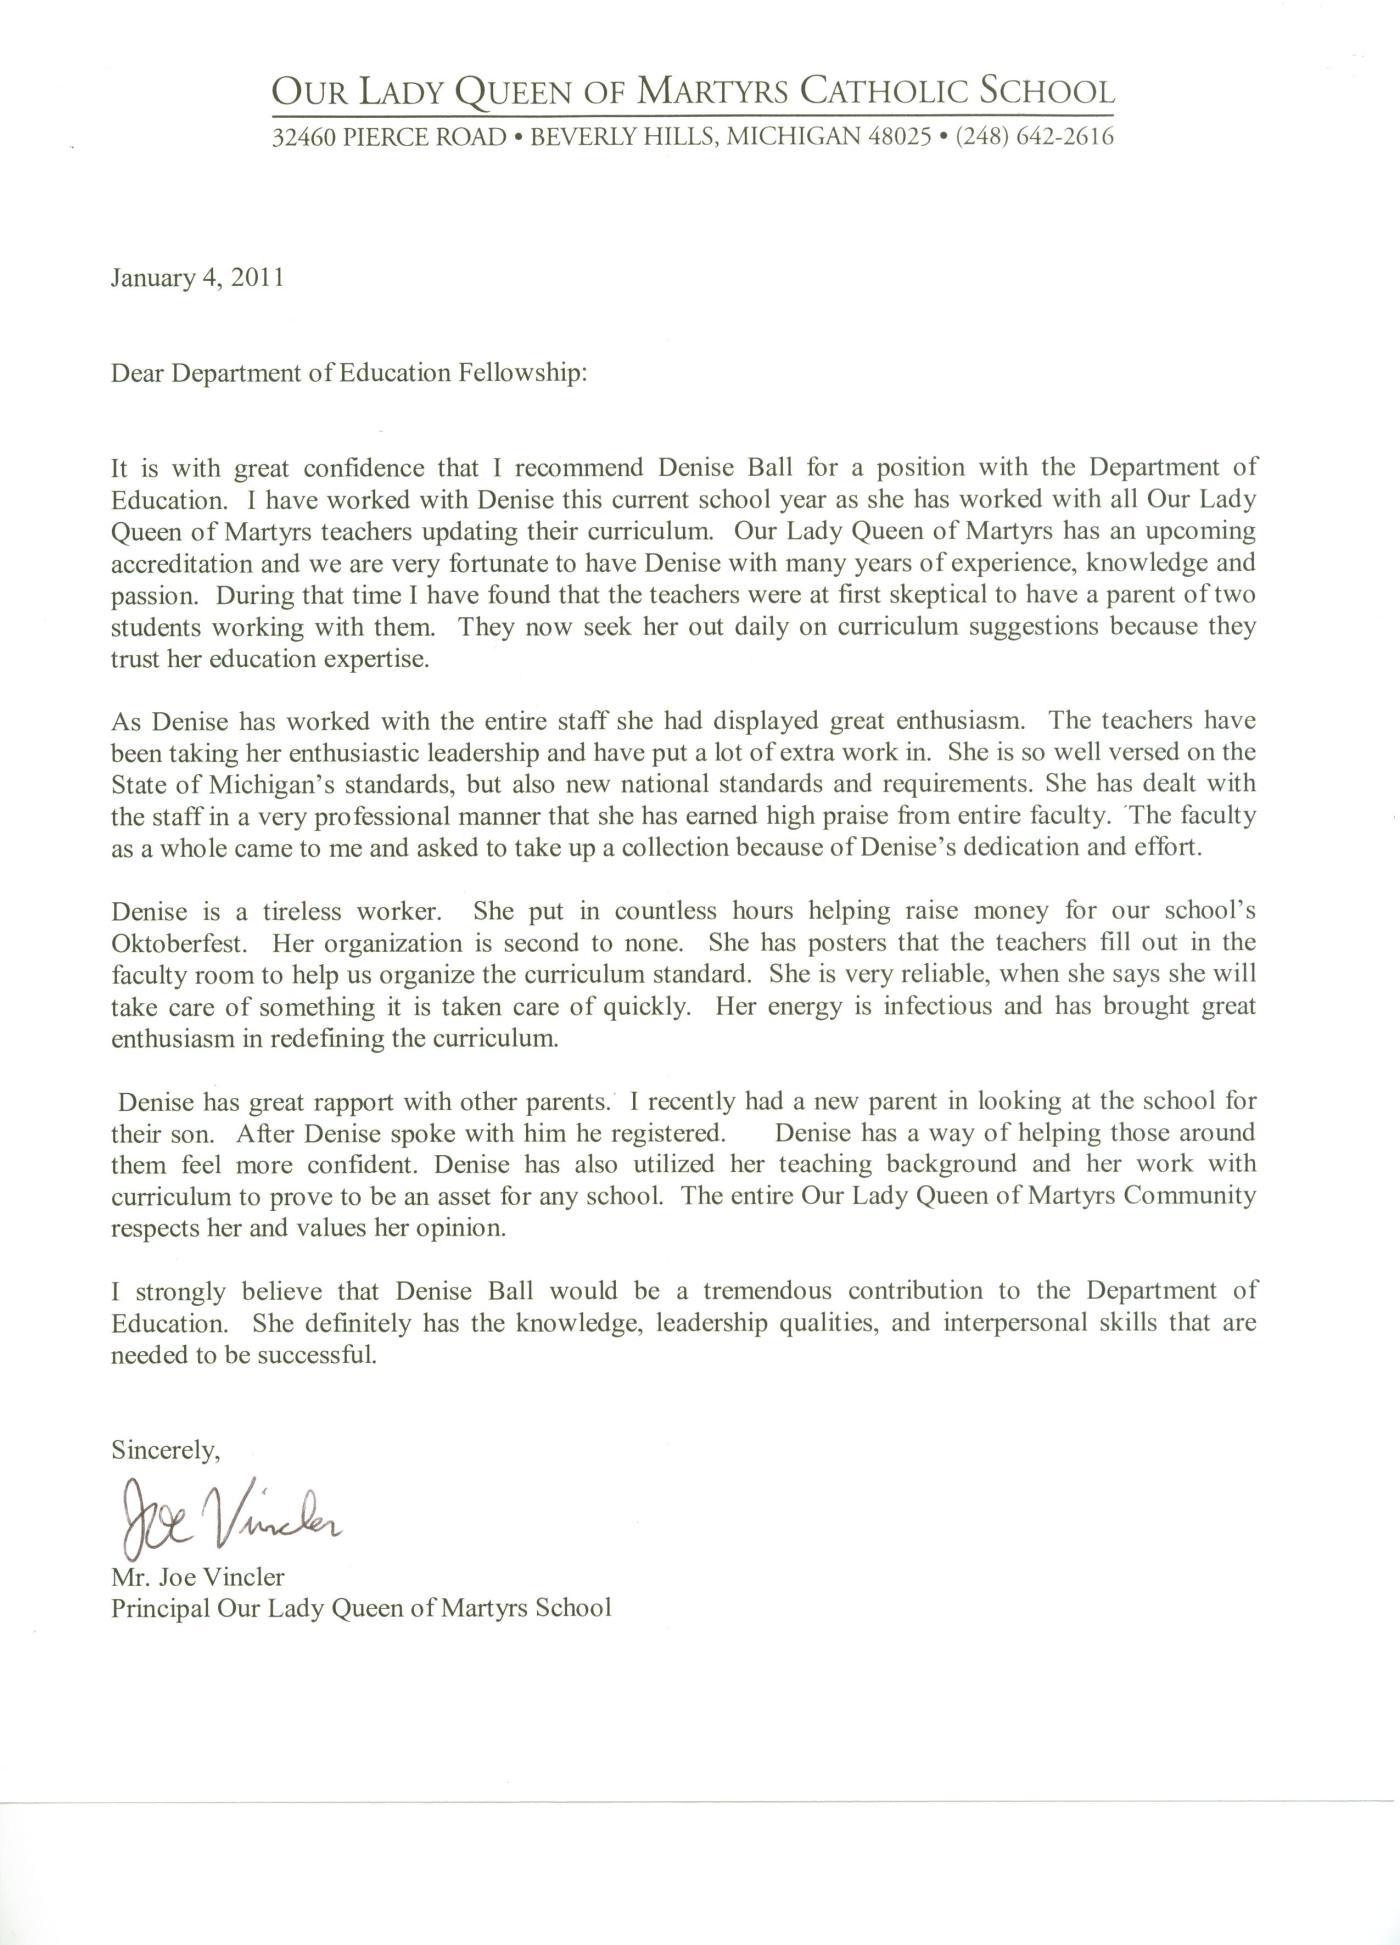 Letter Of Recommendation For Denise Ball Unlocktheteacher